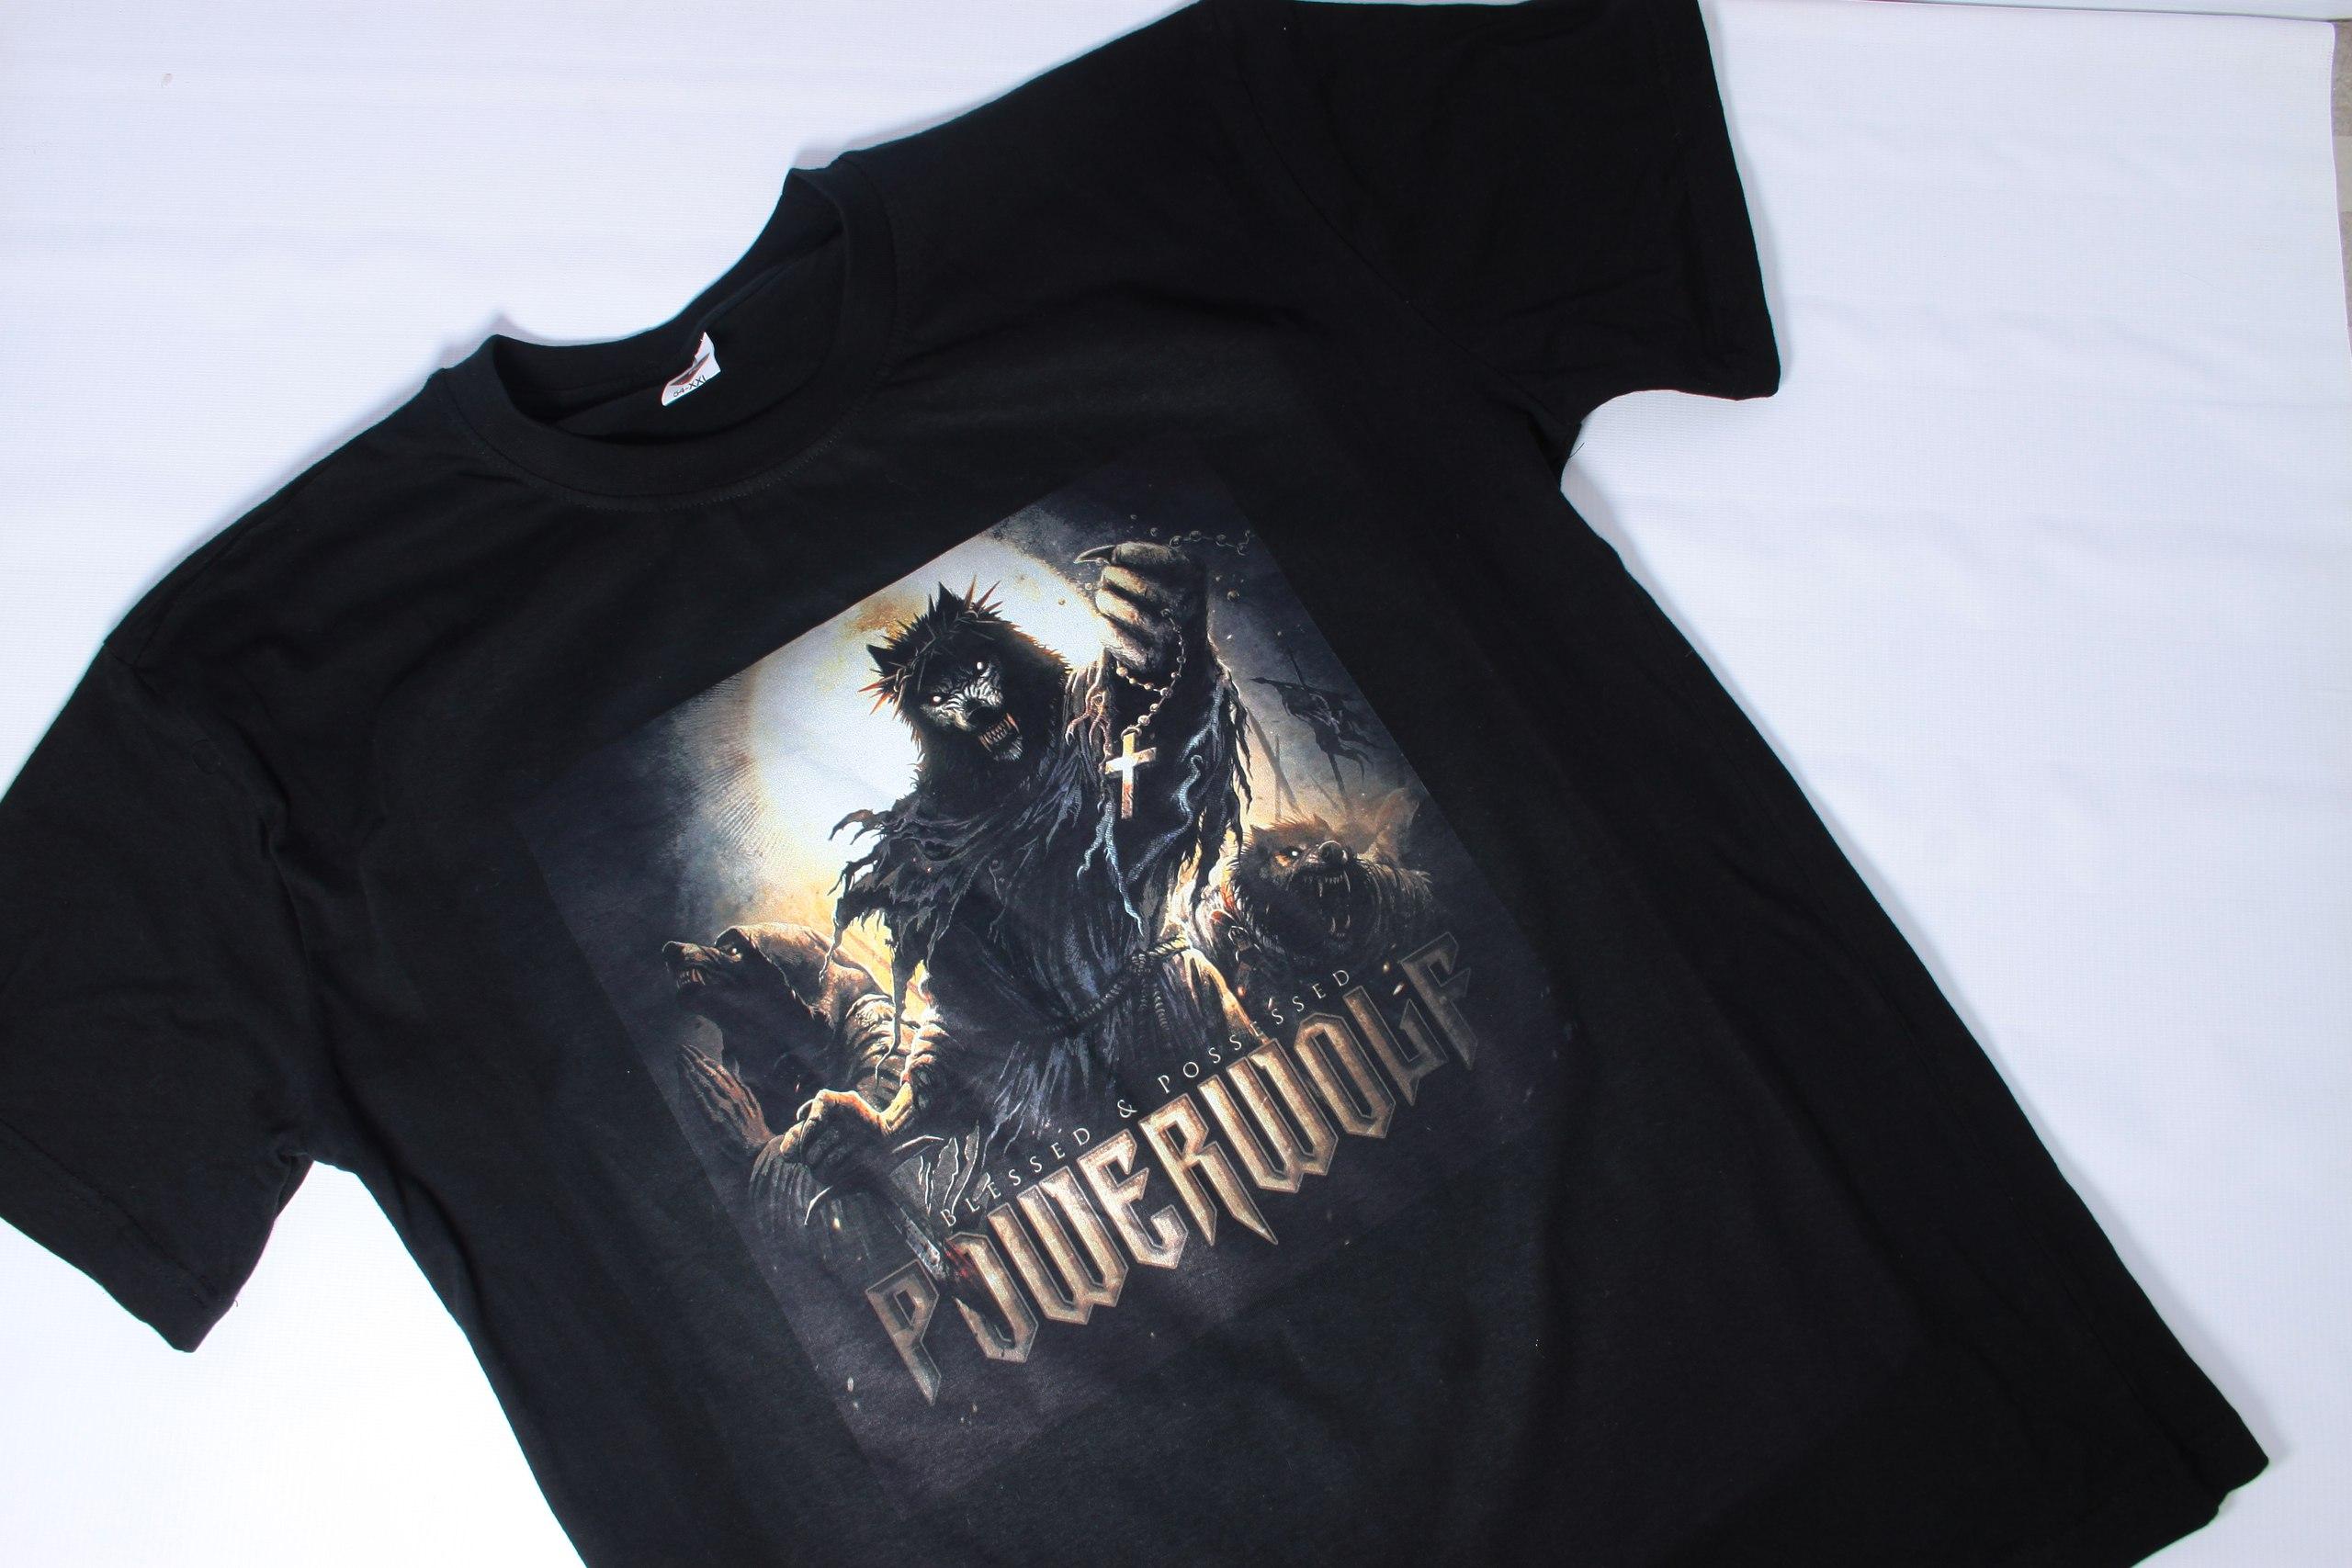 печать на футболках для фанатов